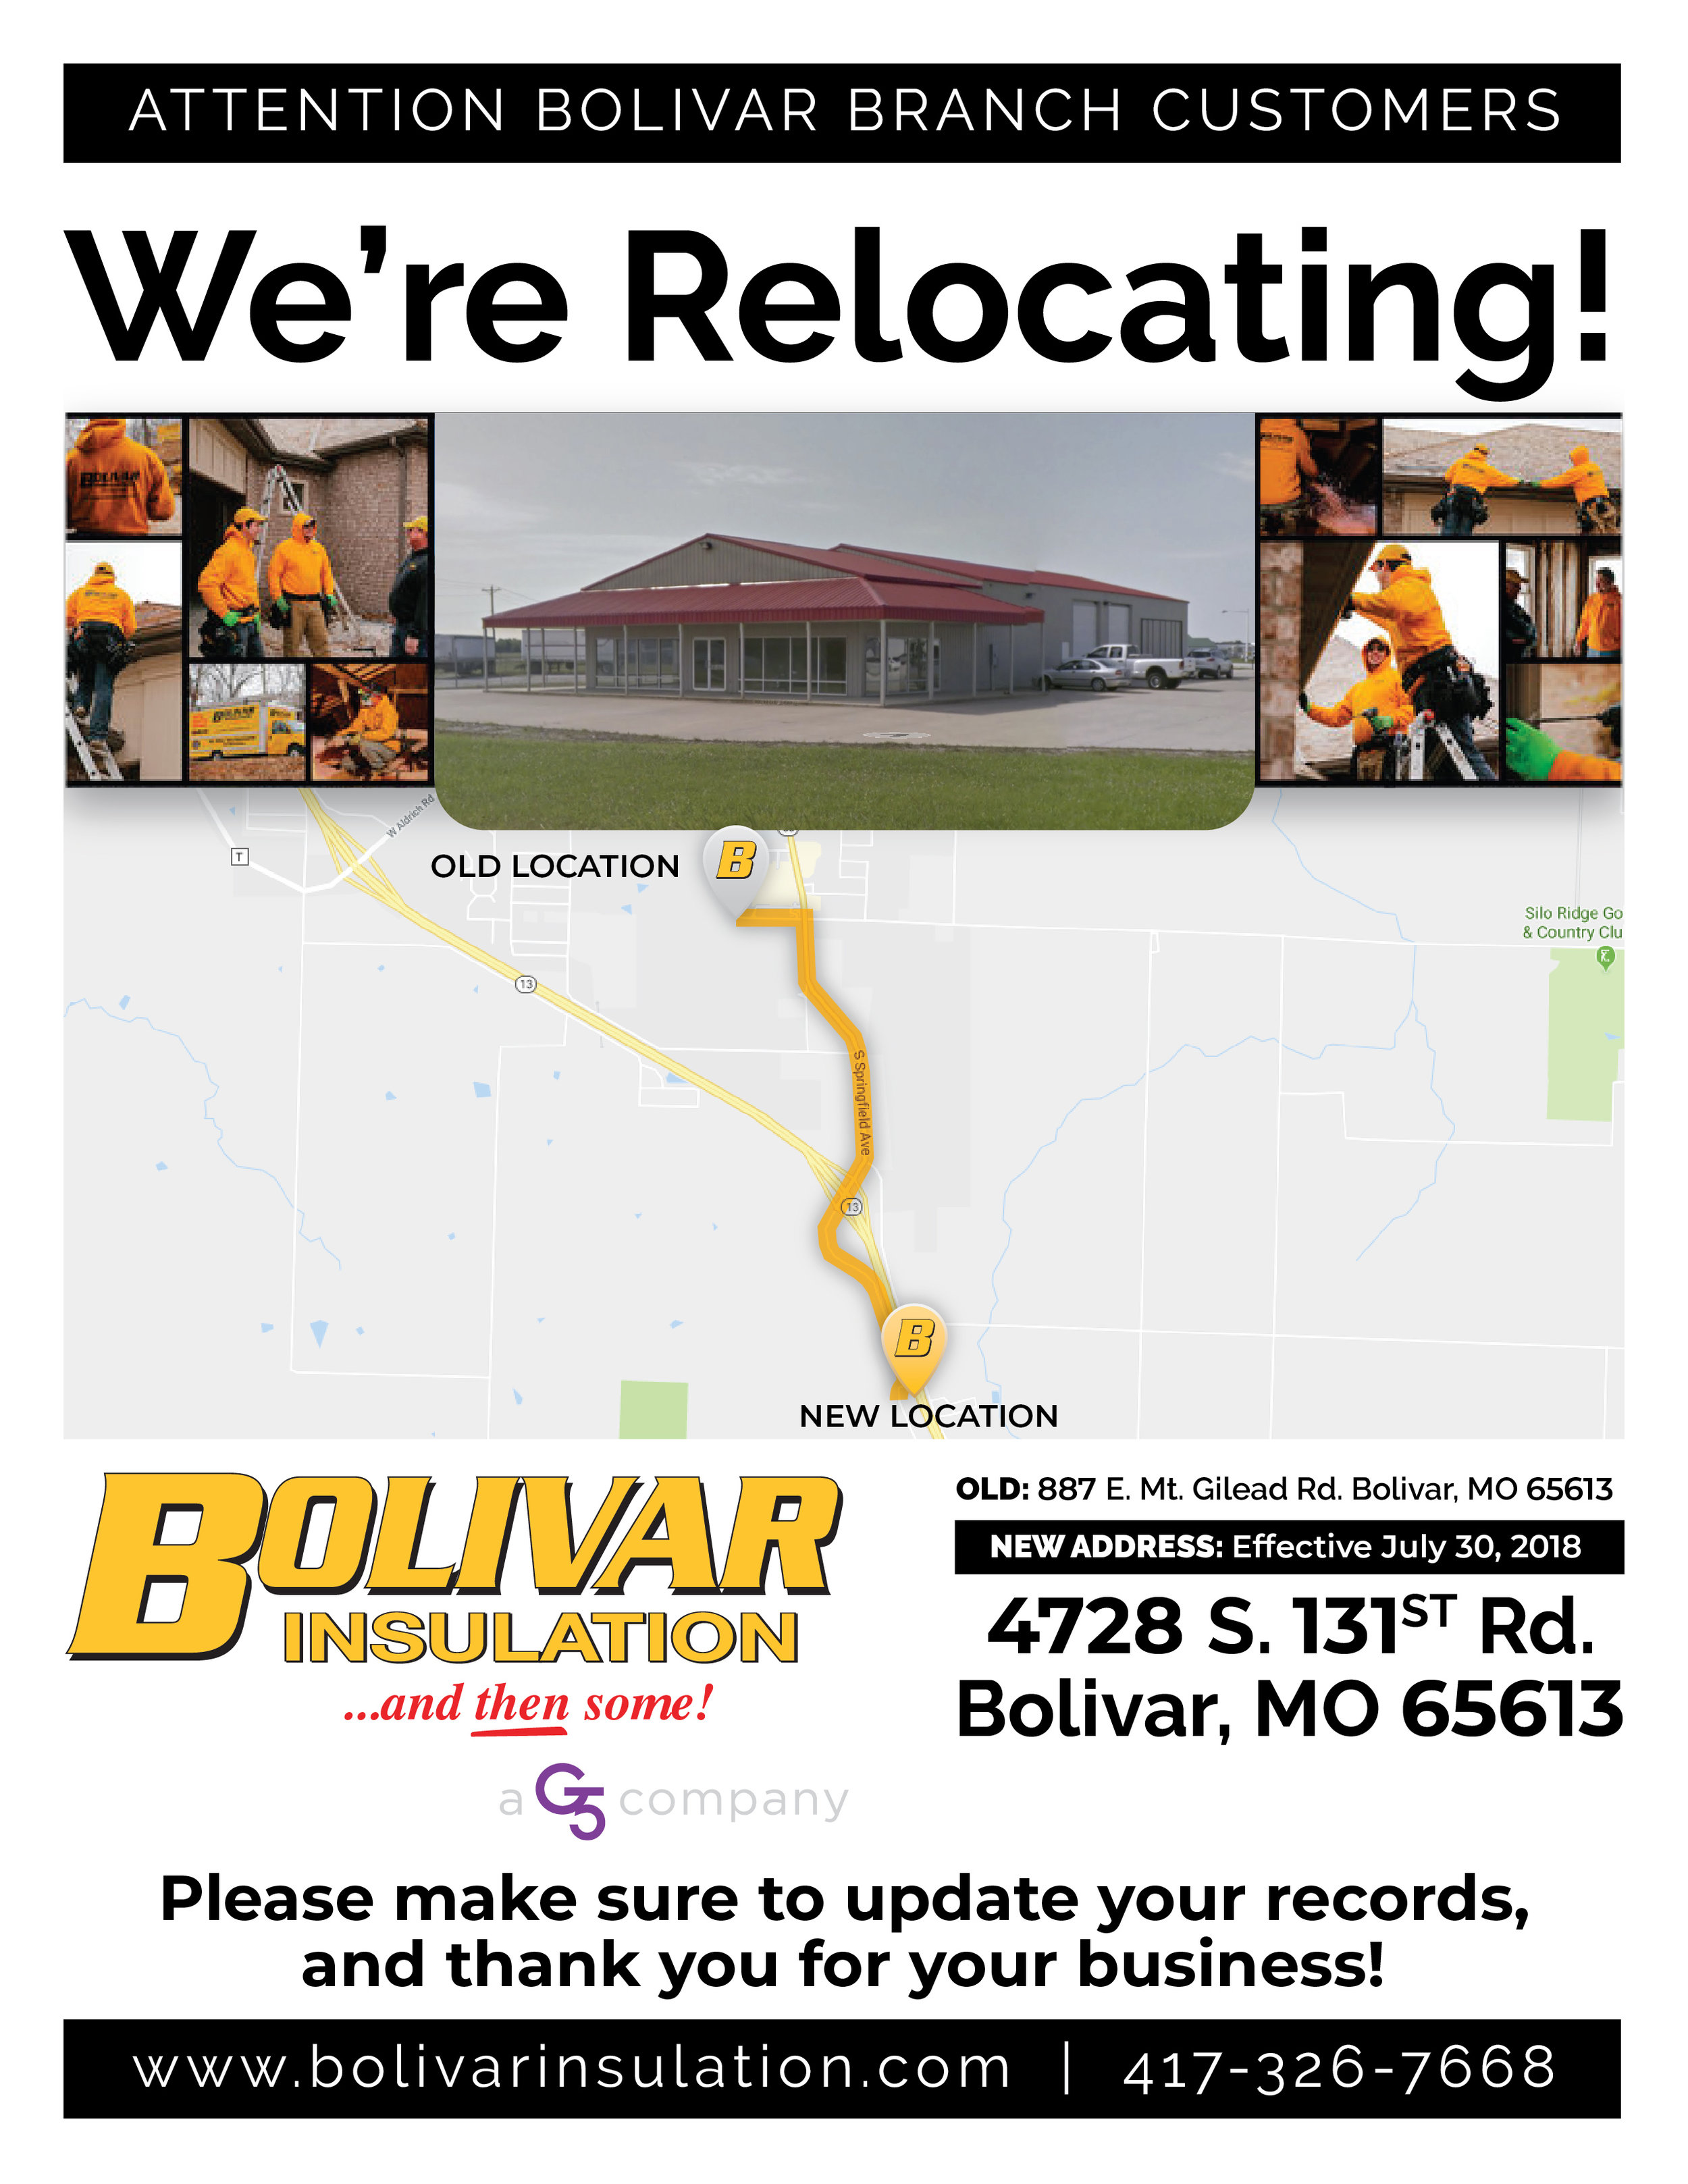 New-Bolivar-office-location